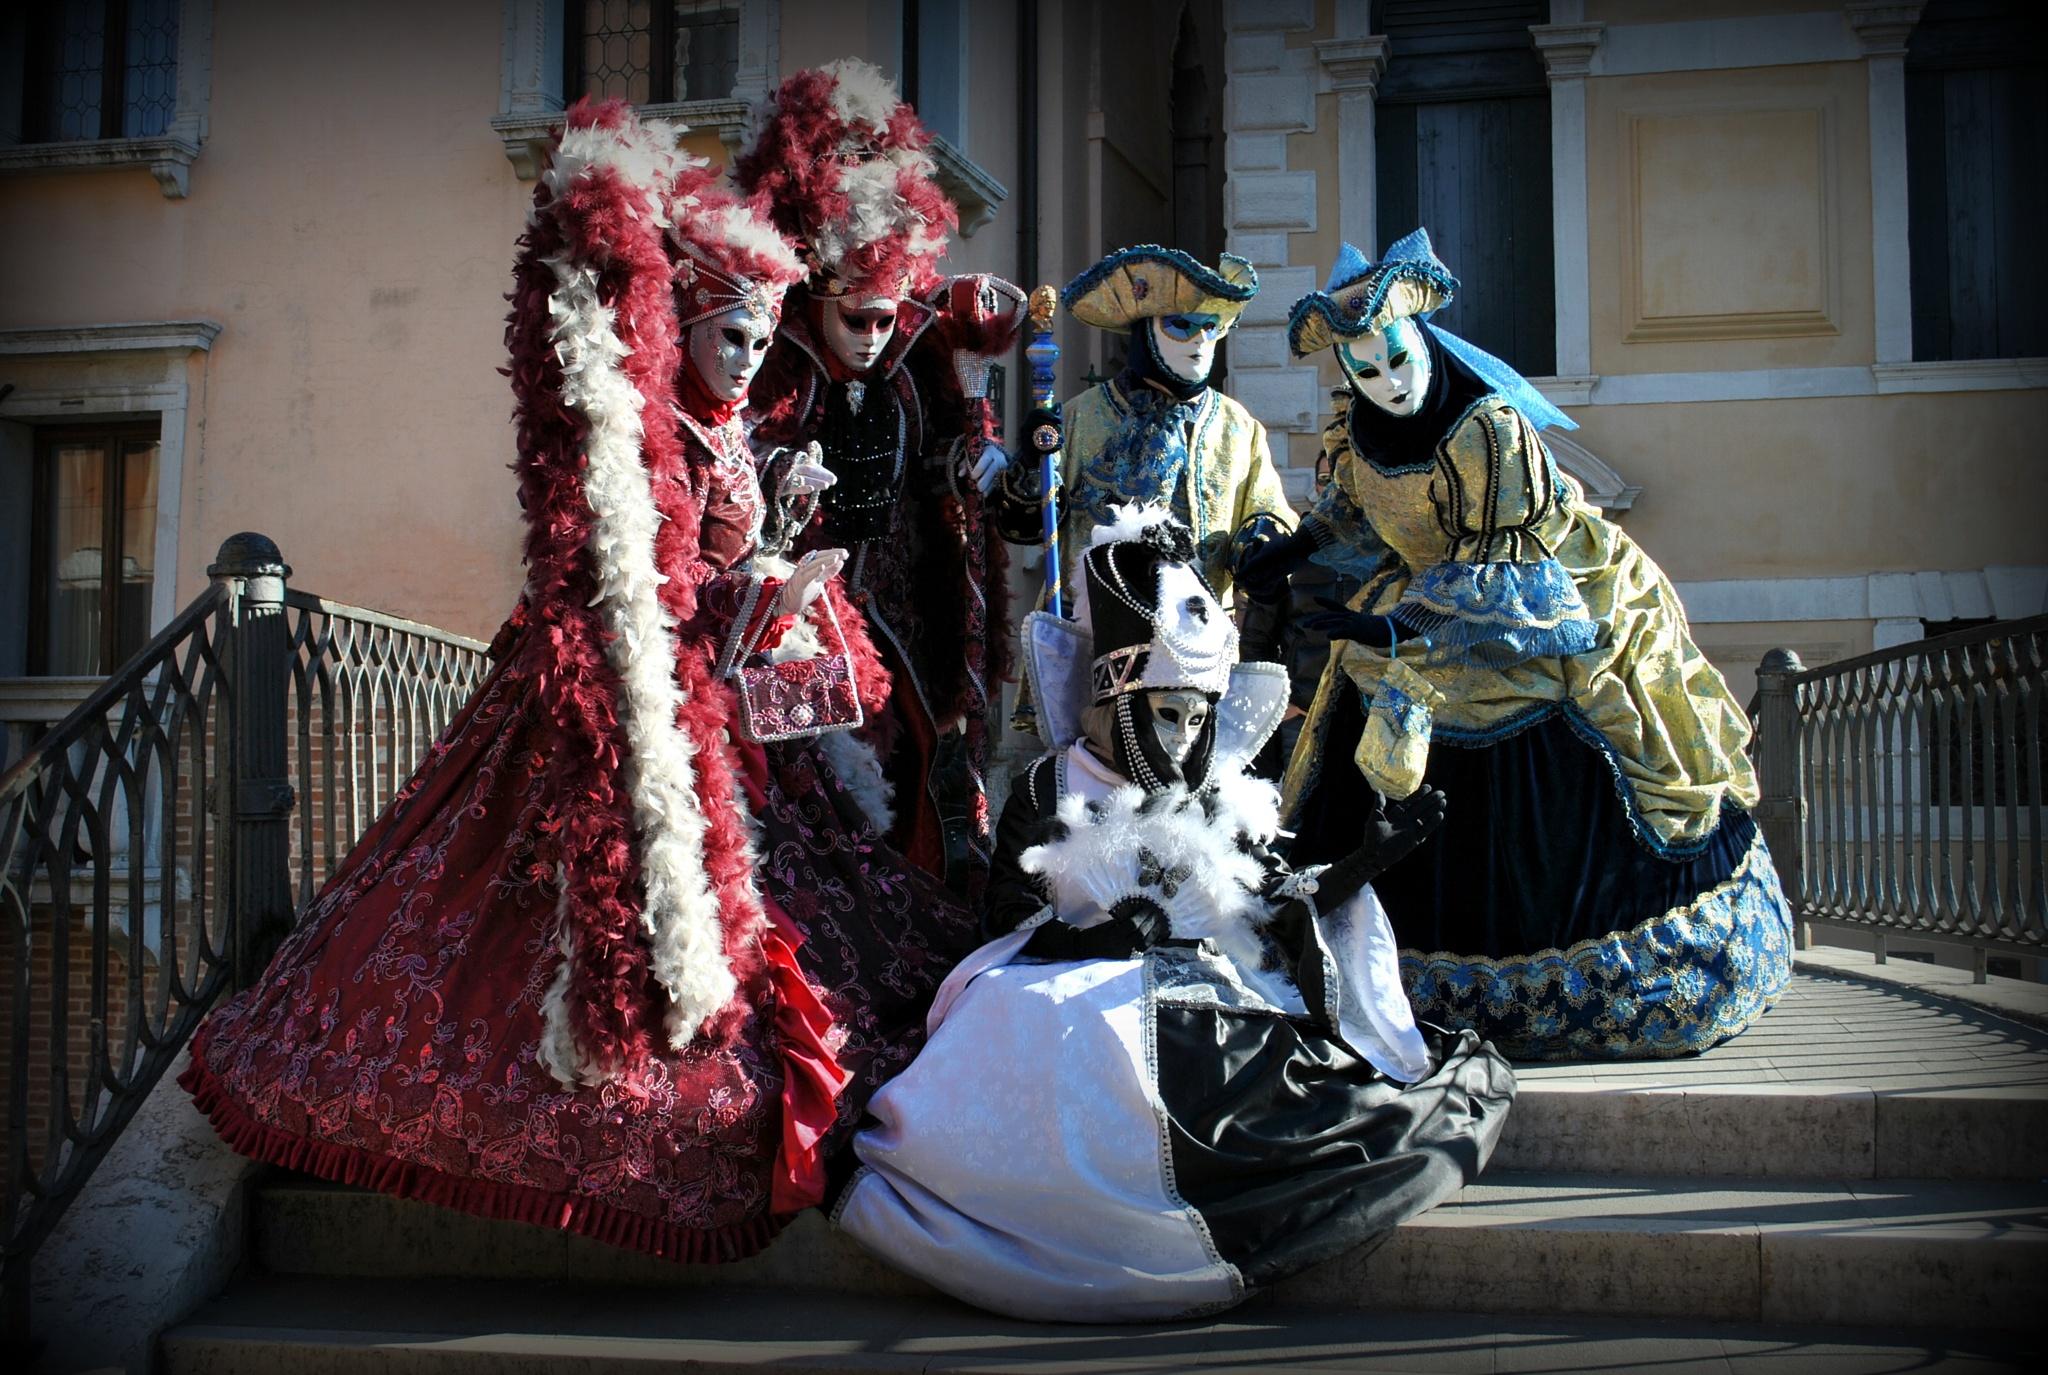 Venice carnival 2016 by Fulvio Toso